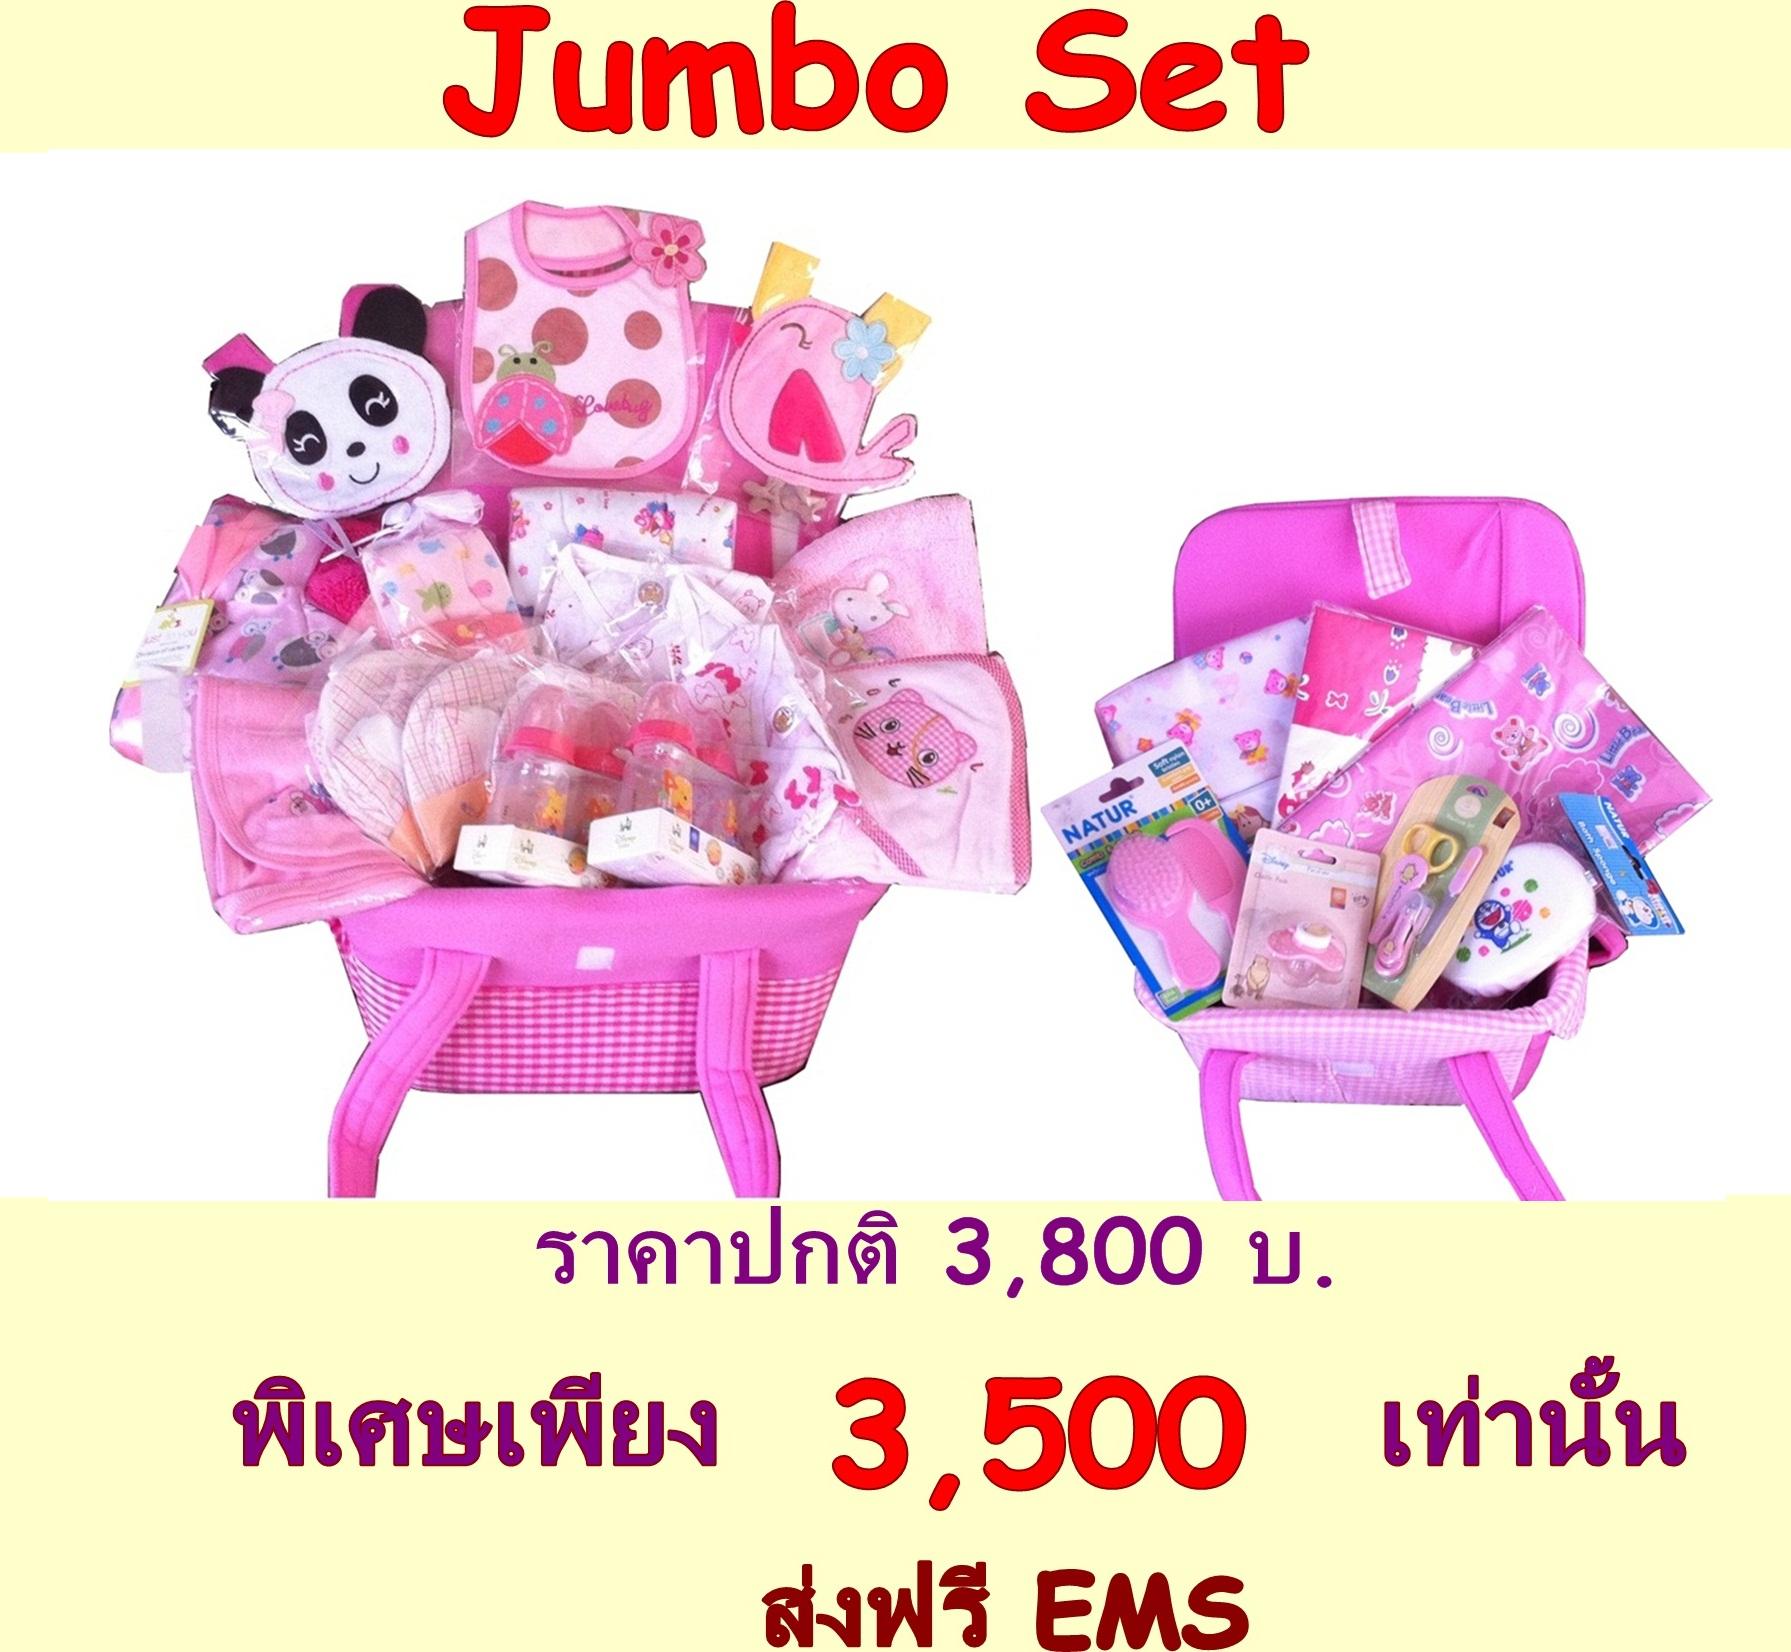 ๋Jumbo Set ชุดเซ็ตเตรียมคลอด คุ้มหนักมาก !! โทนเด็กหญิง ส่งฟรี EMS